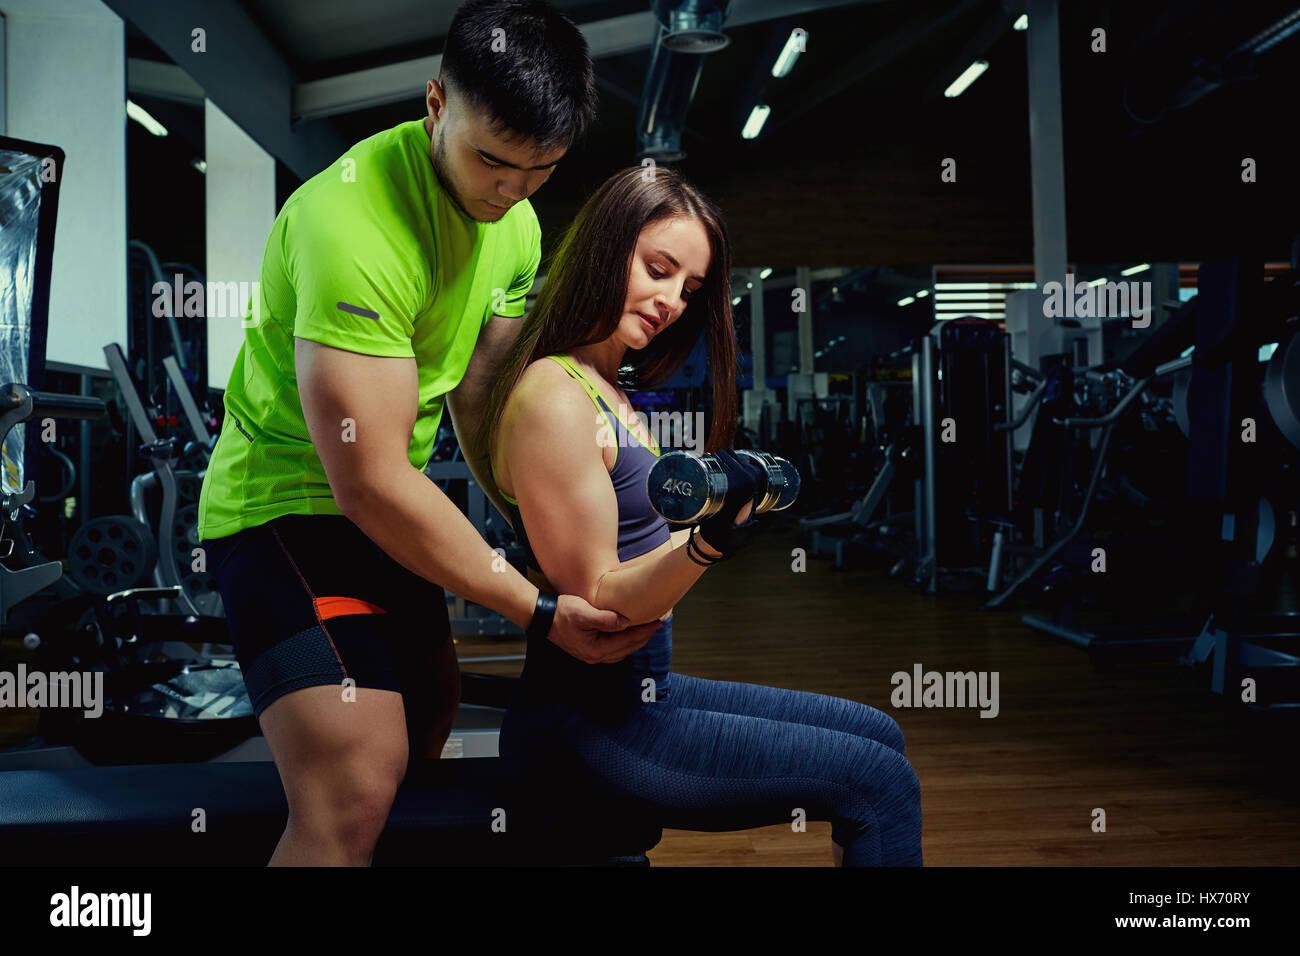 Entrenador personal ayuda a una niña, el levantamiento de pesas en el gimnasio. Imagen De Stock